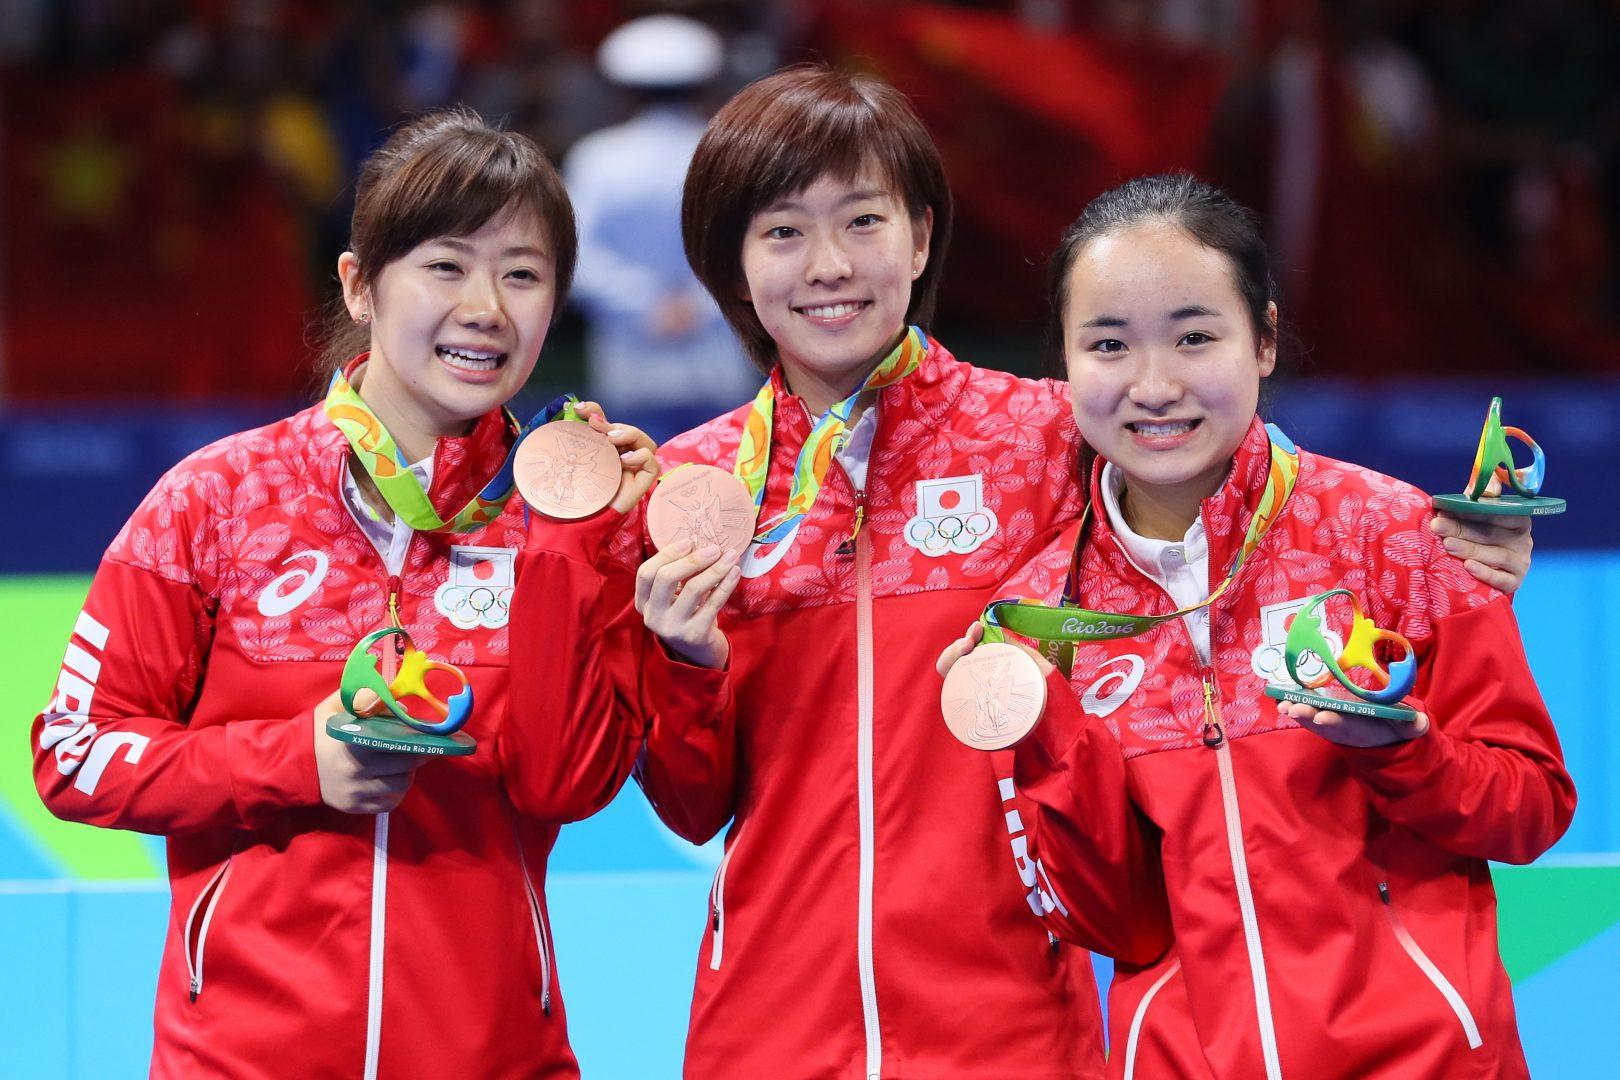 【卓球】東京五輪団体戦シード争いの鍵 オリンピックランキングとは